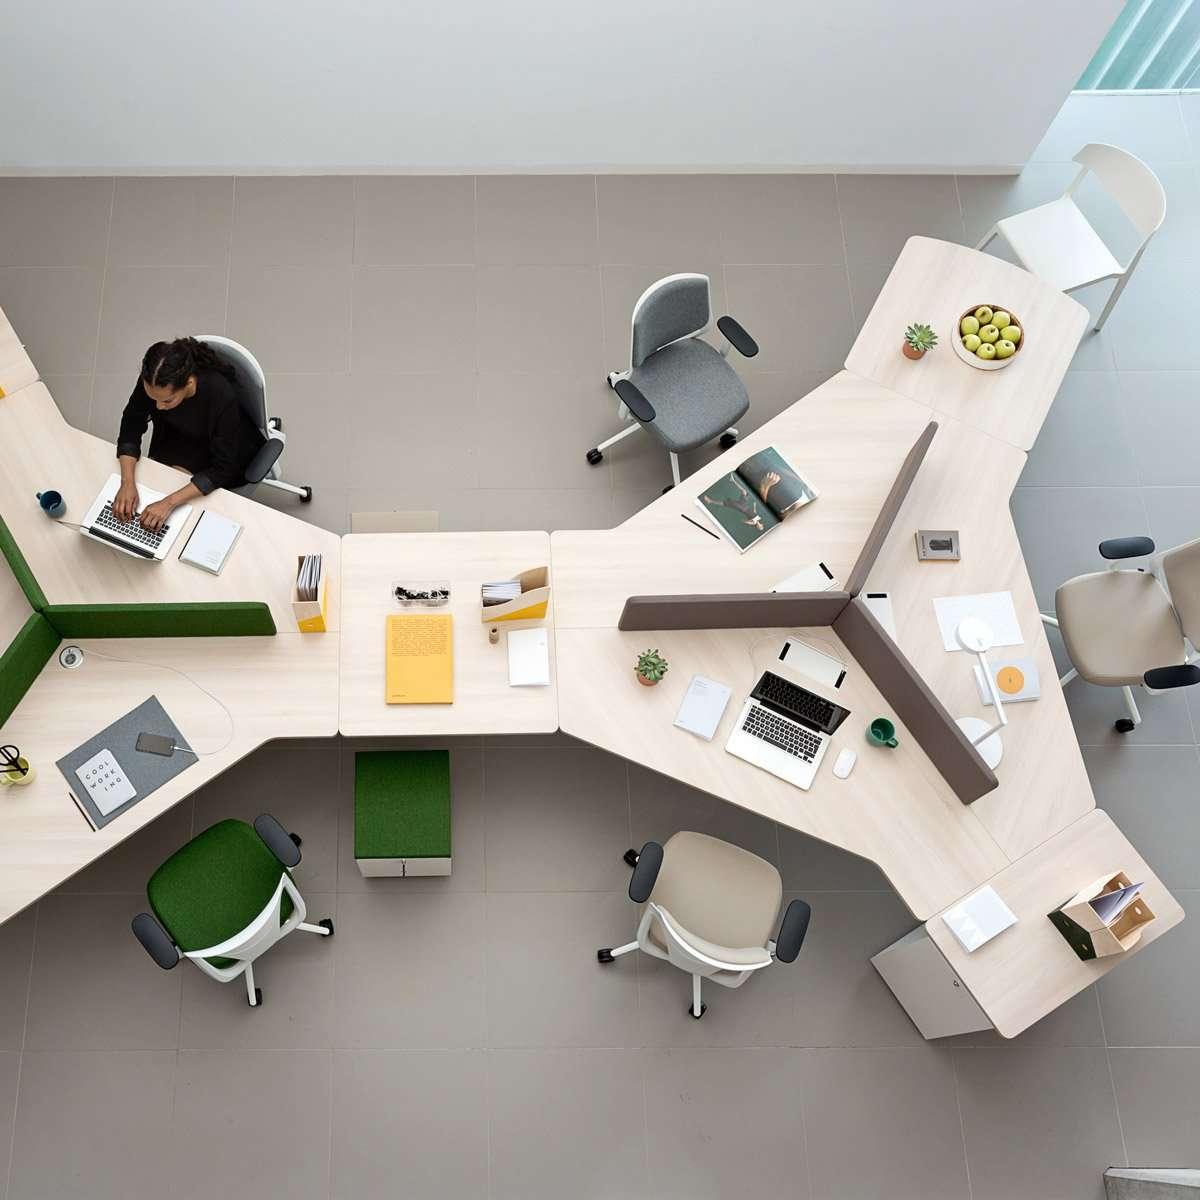 Cómo elegir la mesa de trabajo que mejor se adapta a ti - 49 TWIST GEN 3